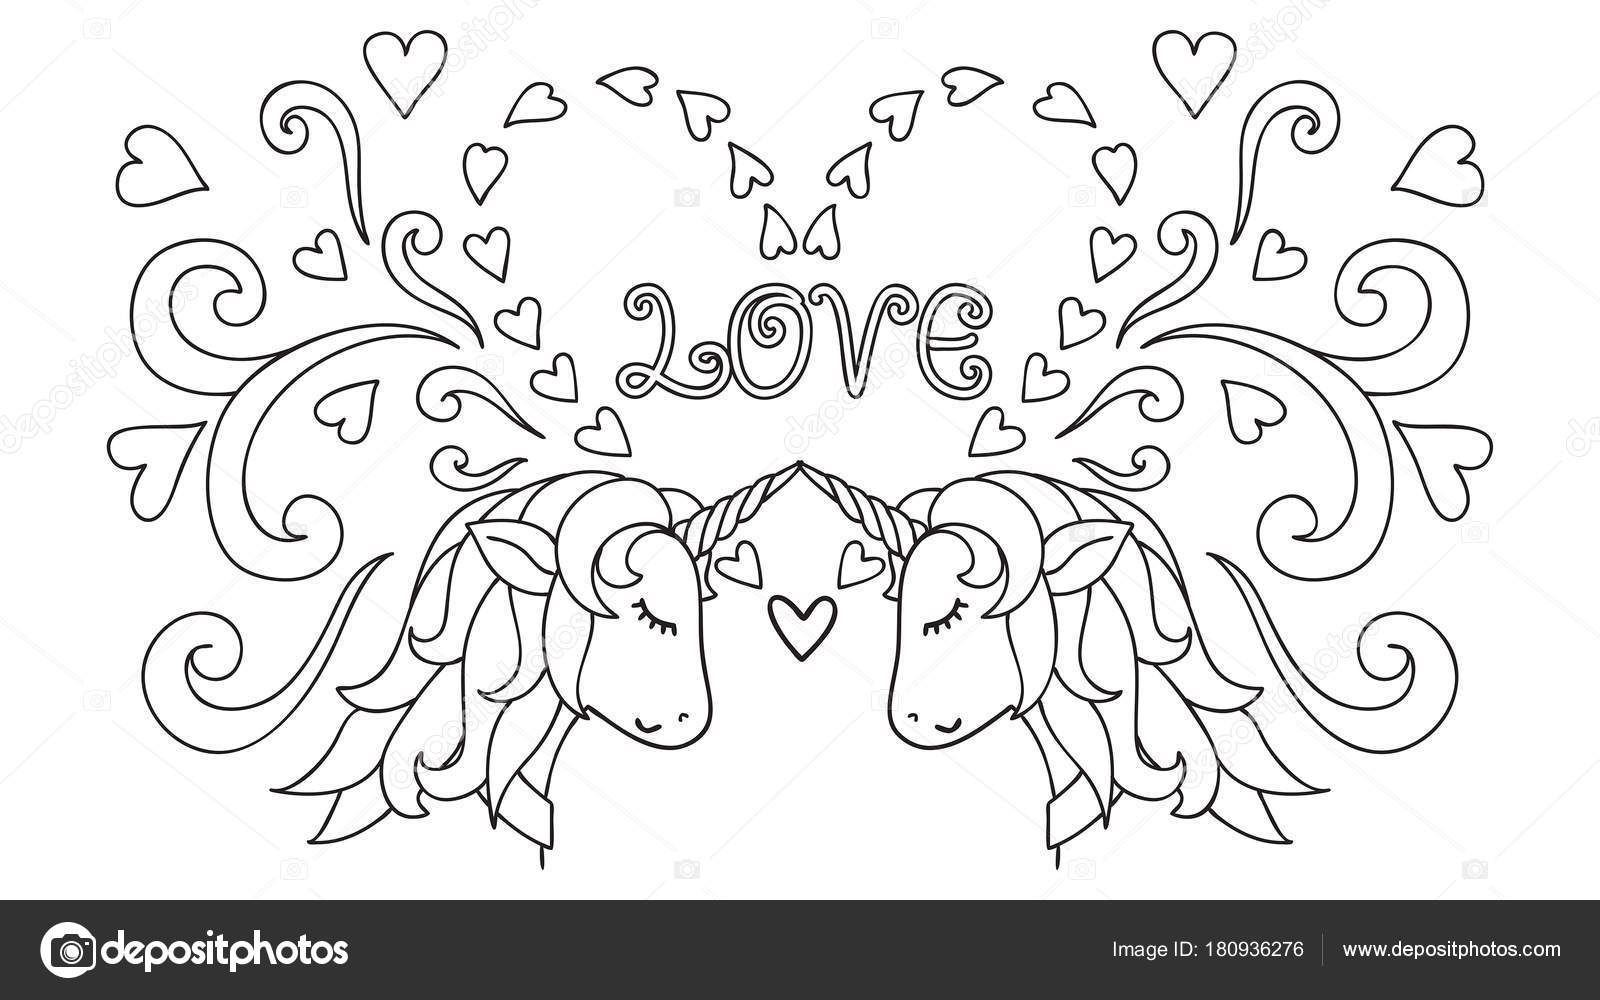 Kleurplaten Prinsessen Dieren.Hand Getekend Unicorn Magische Dieren Vectorillustraties Zwart